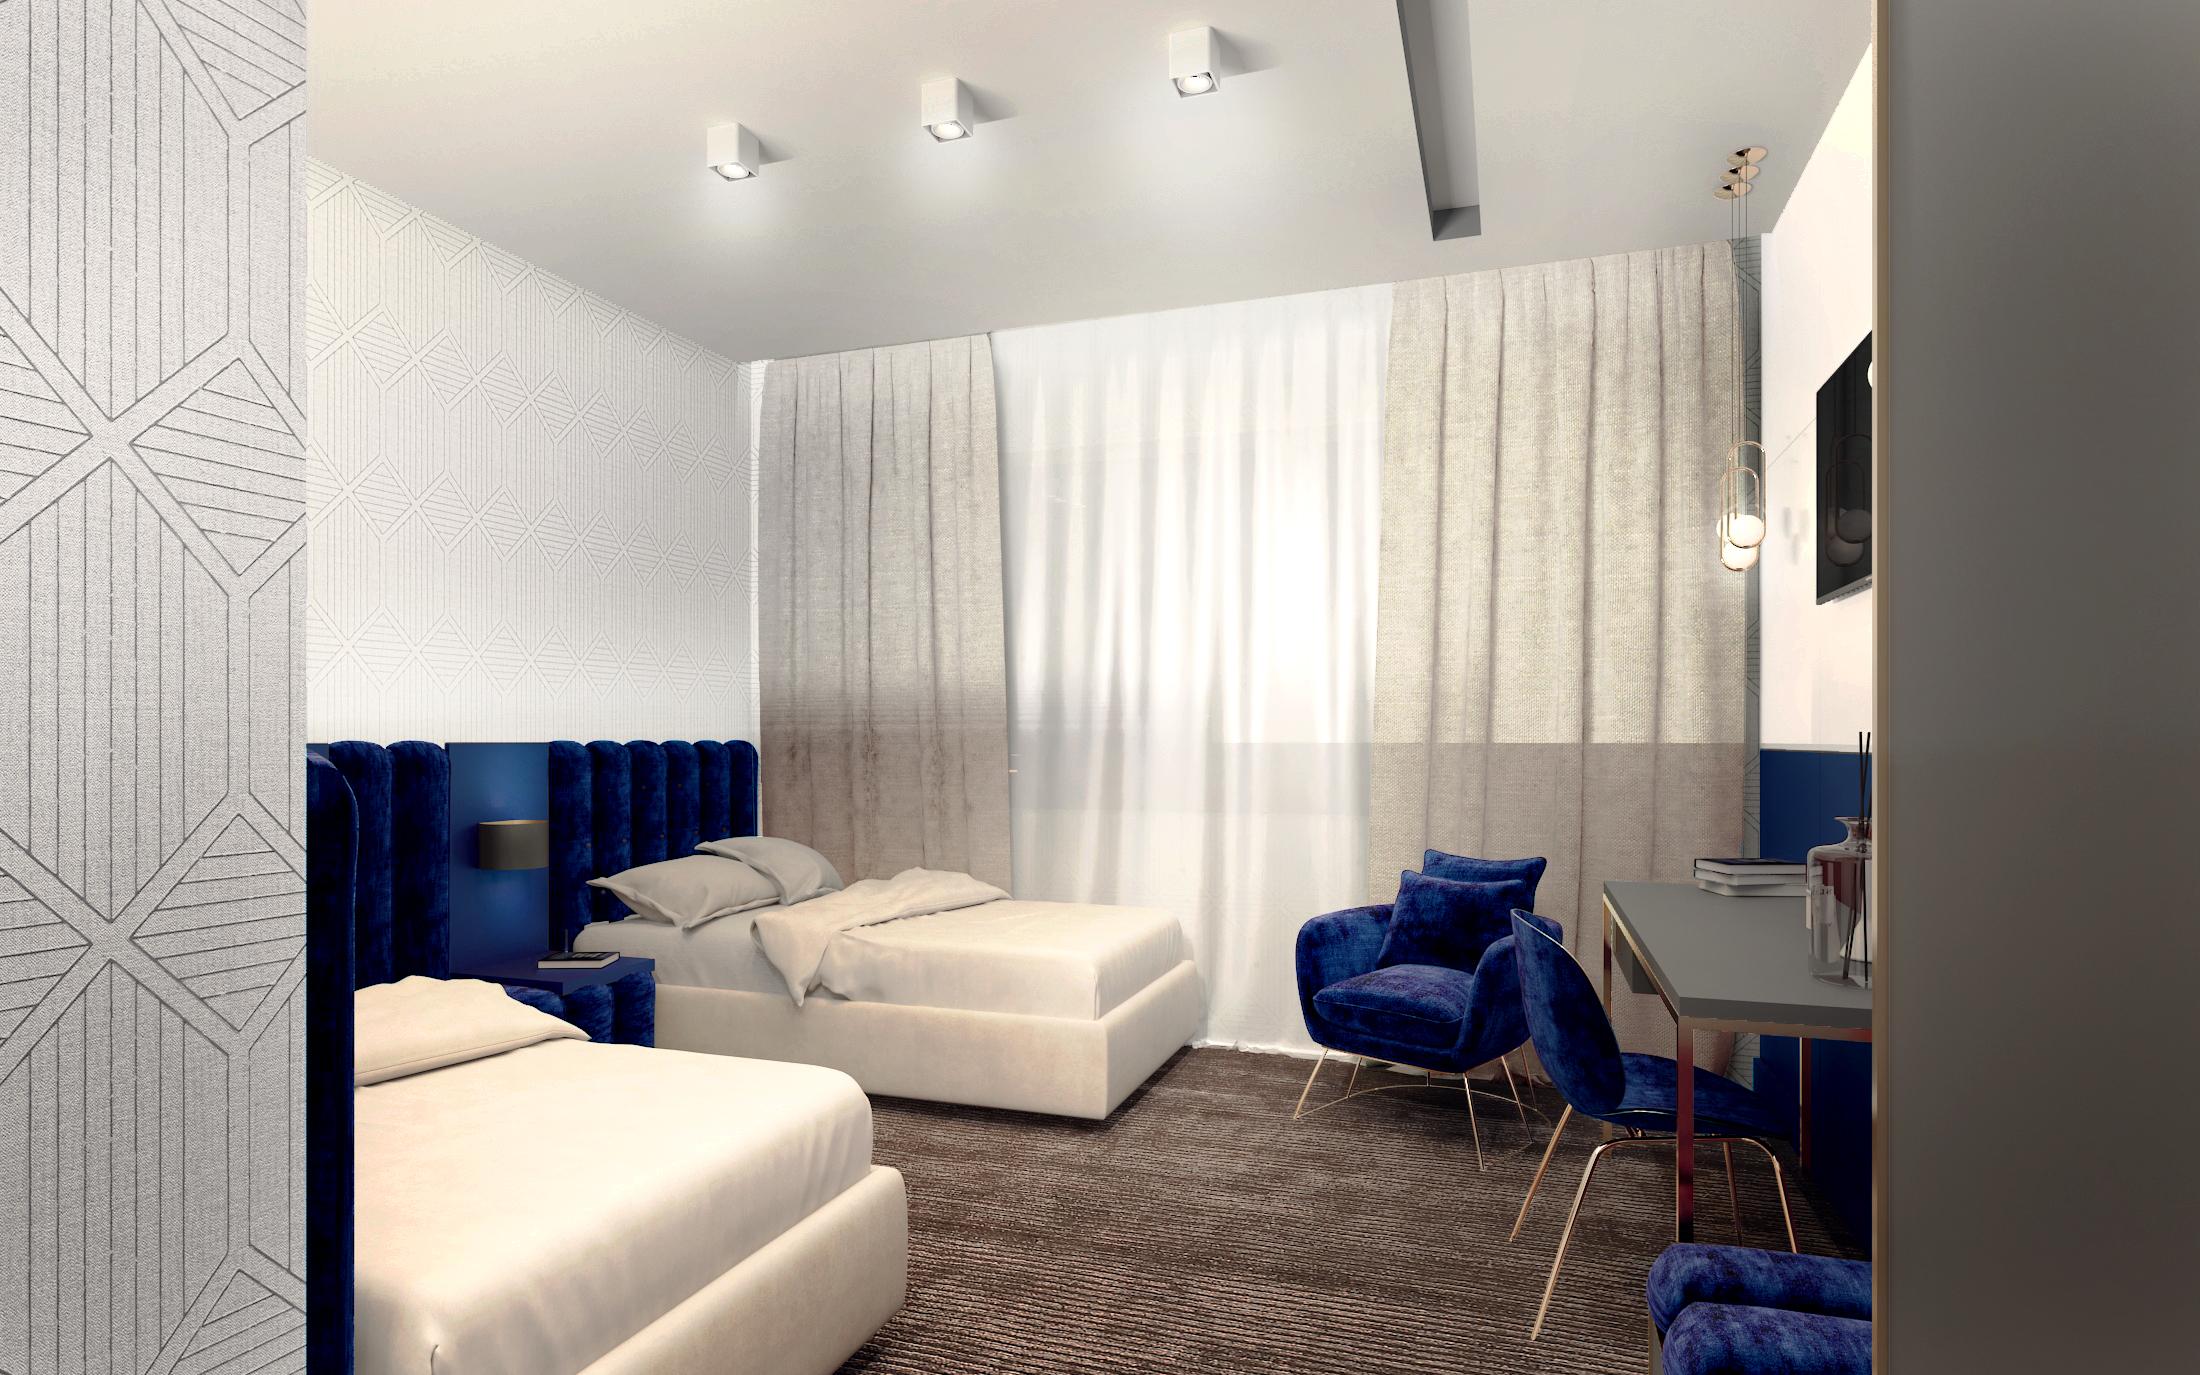 Projekt wnętrza pokoju hotelowego dwuosobowego w hotelu pod warszawą z telewizorem i szafirowymi, tapicerowanymi zagłówkami